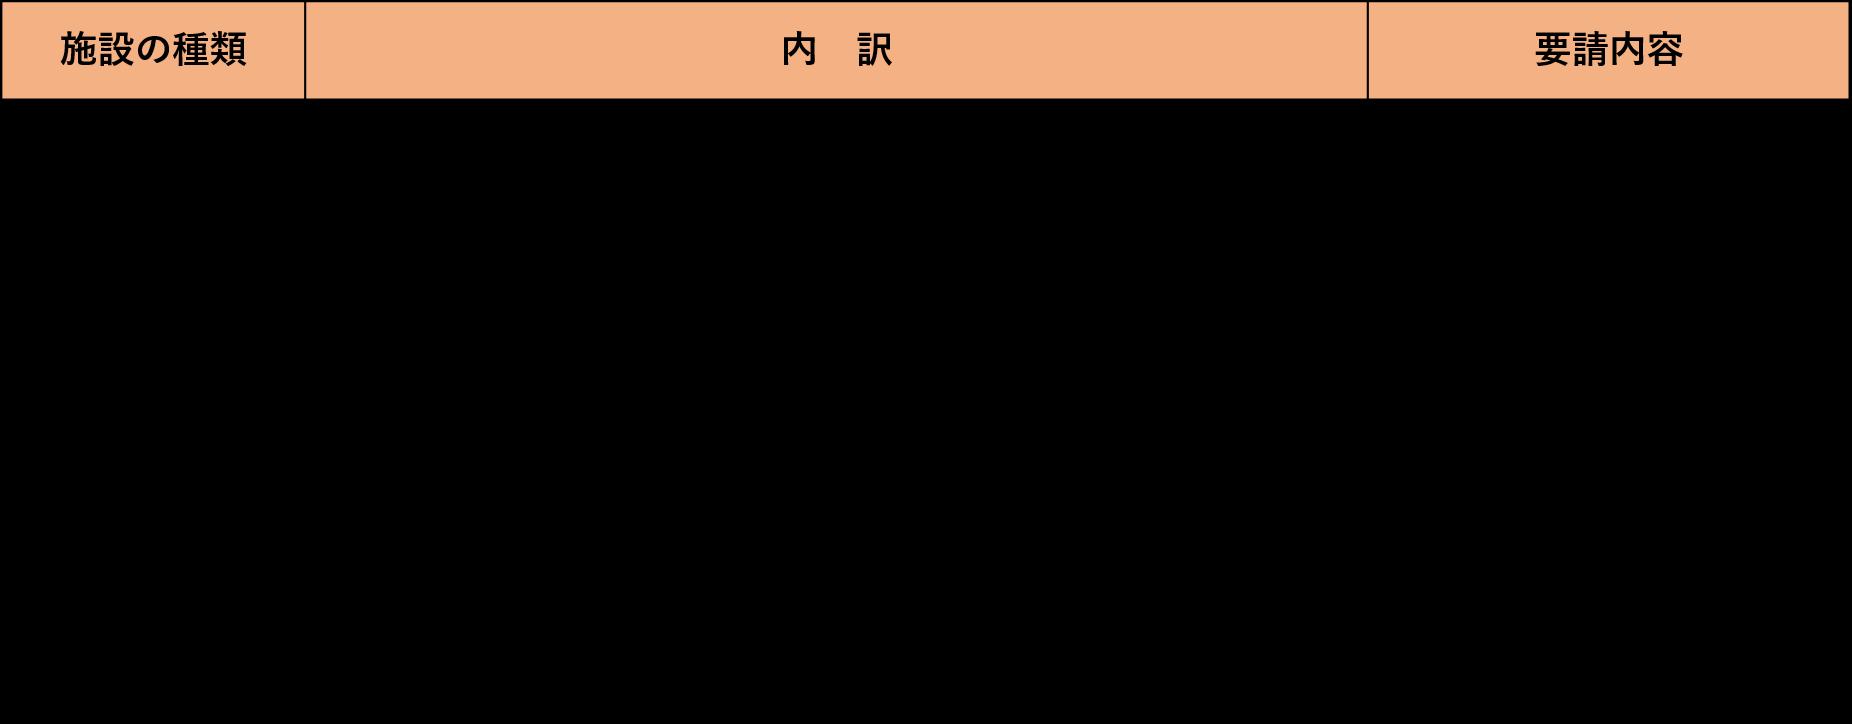 insyokutenigai2